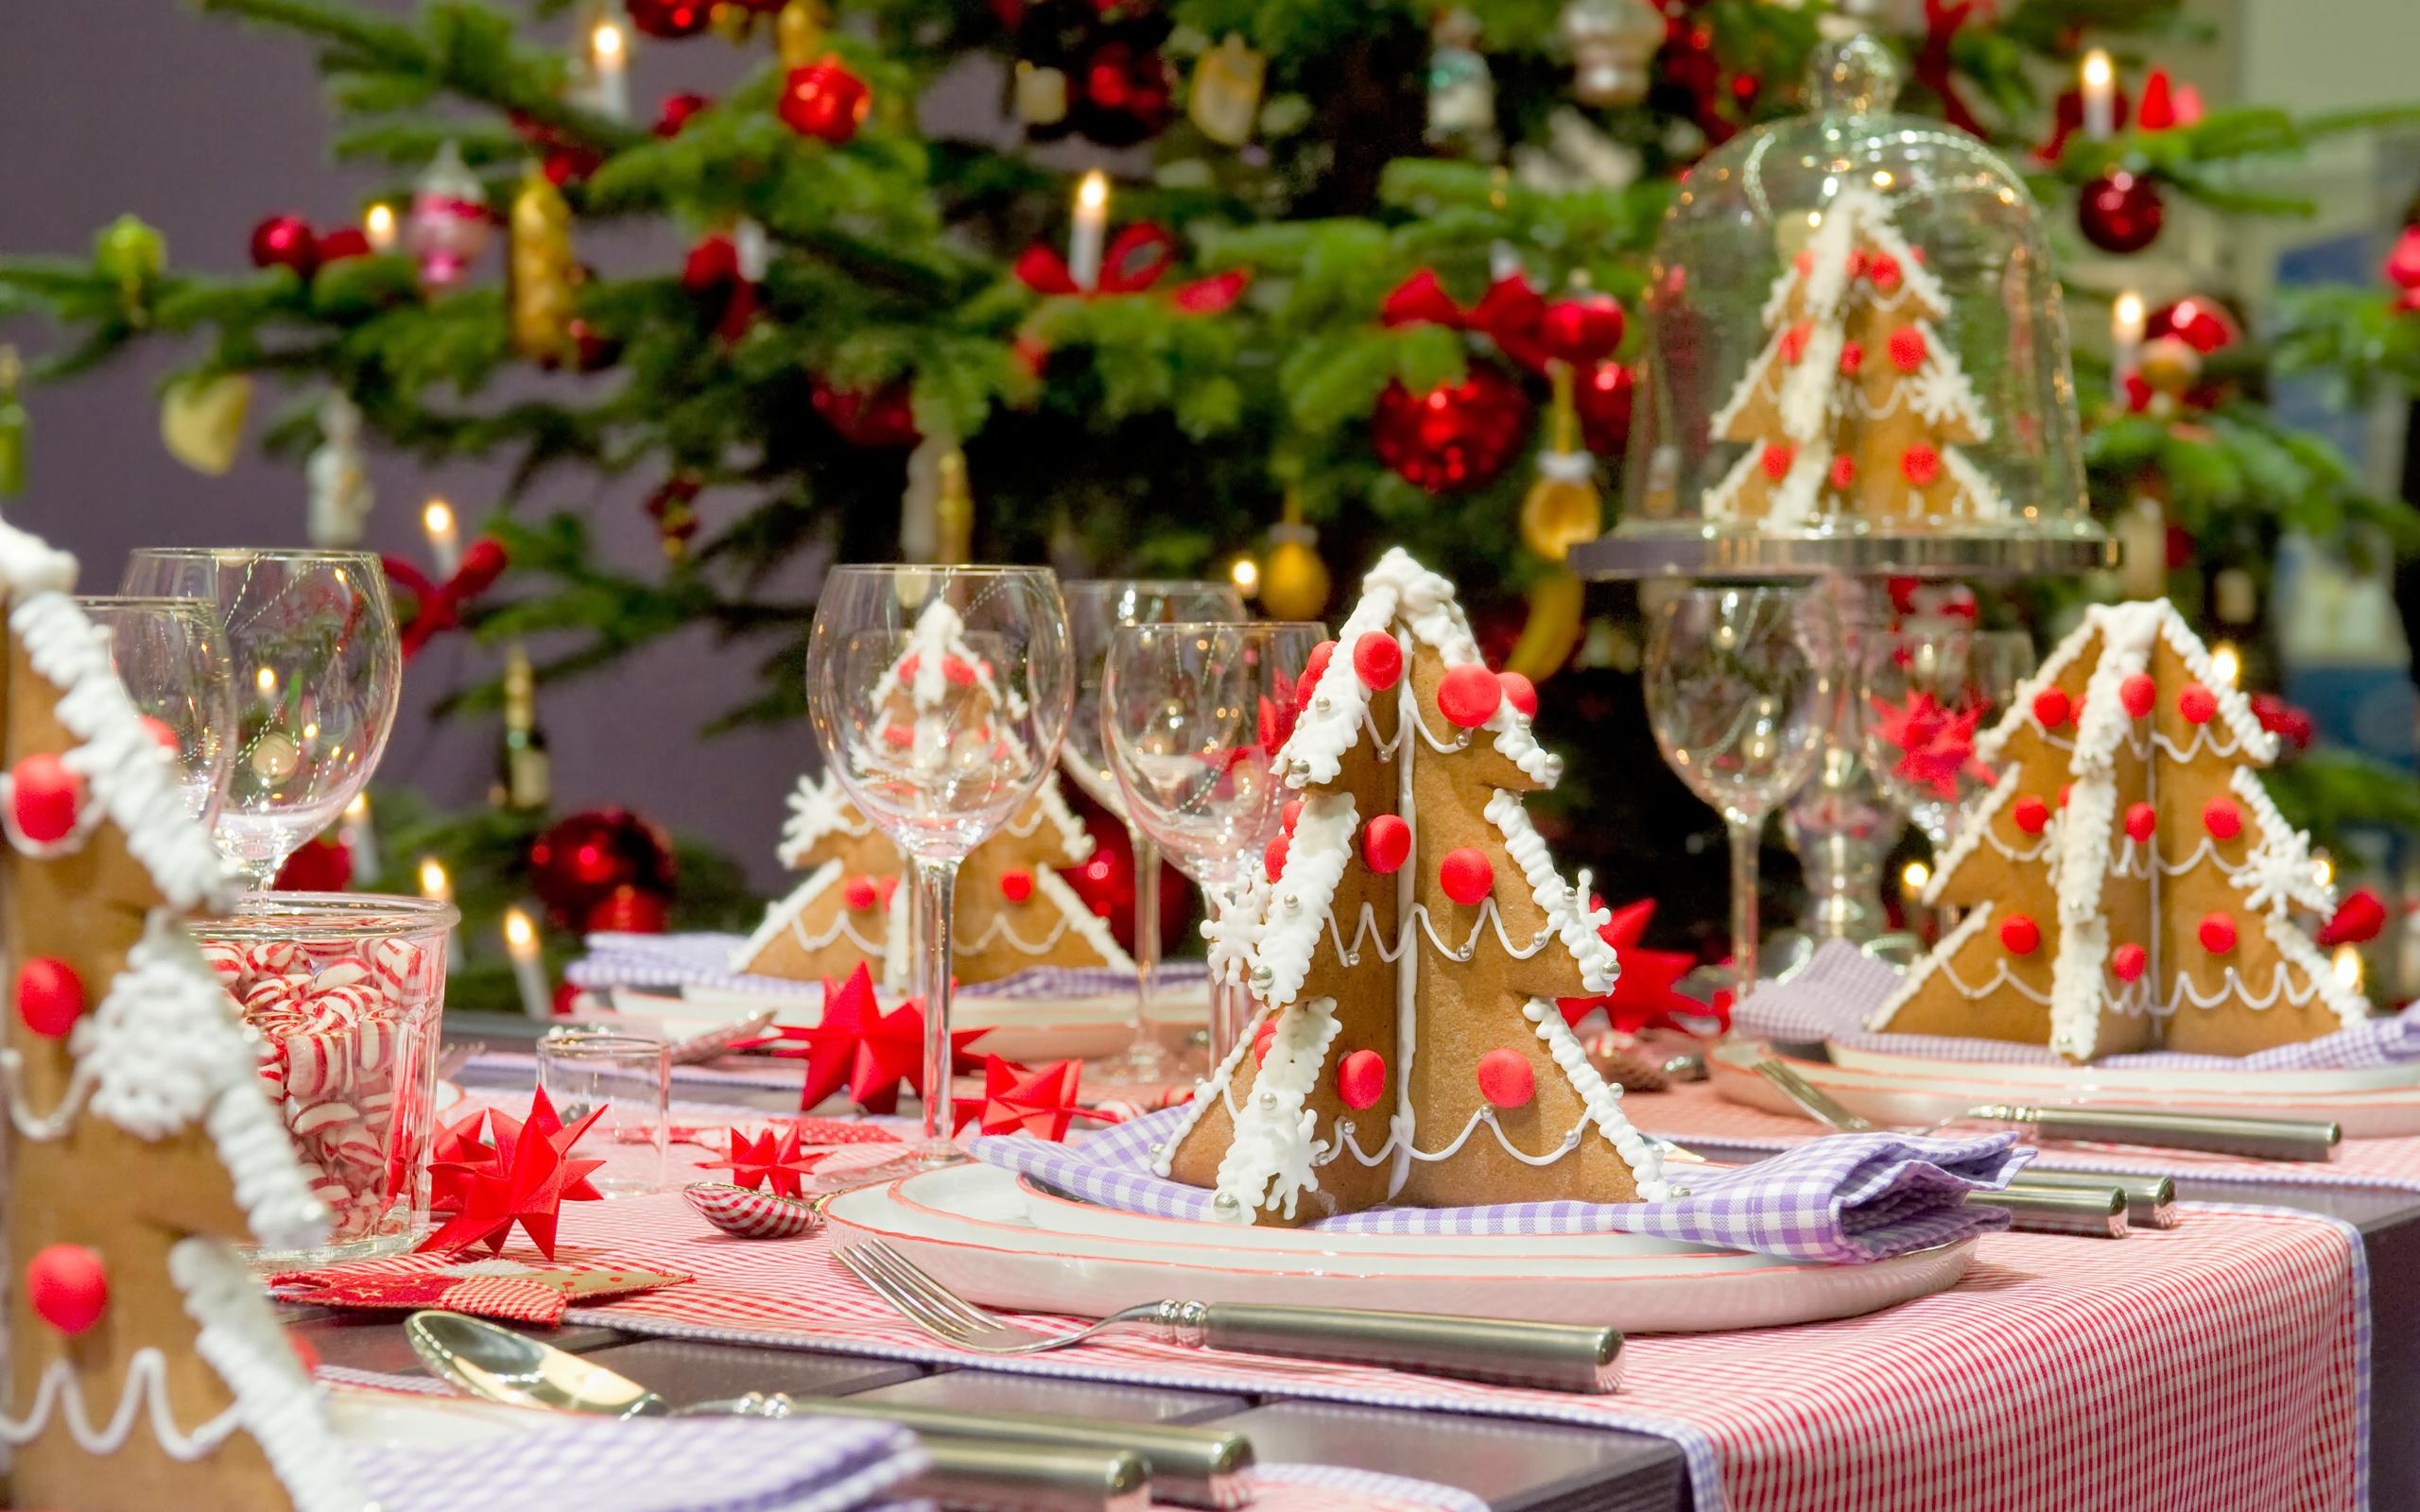 http://www.nastol.com.ua/pic/201209/2560x1600/nastol.com.ua-32806.jpg